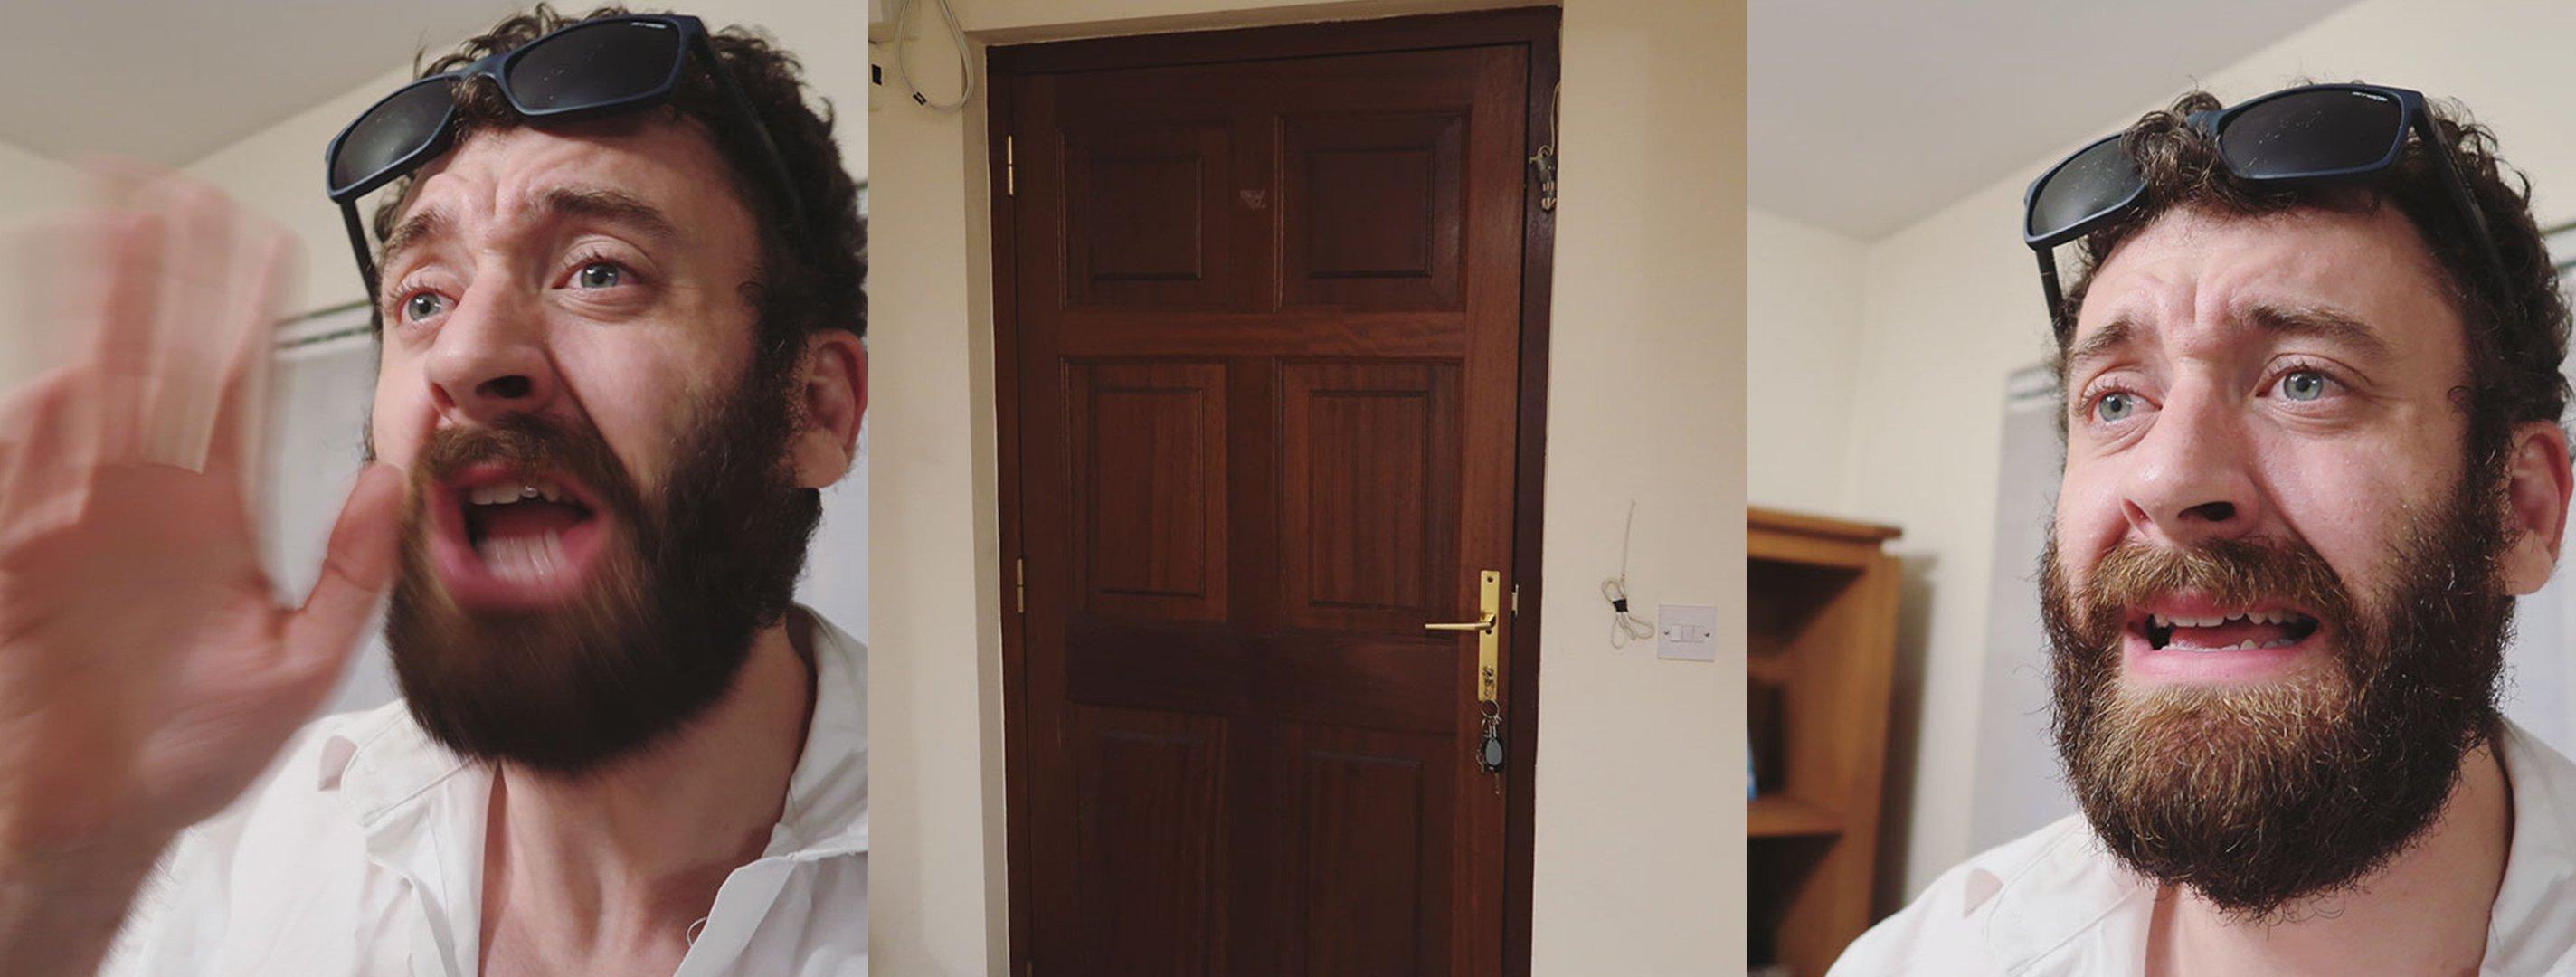 Comediante Senan Byrne tratando de detener a su esposa